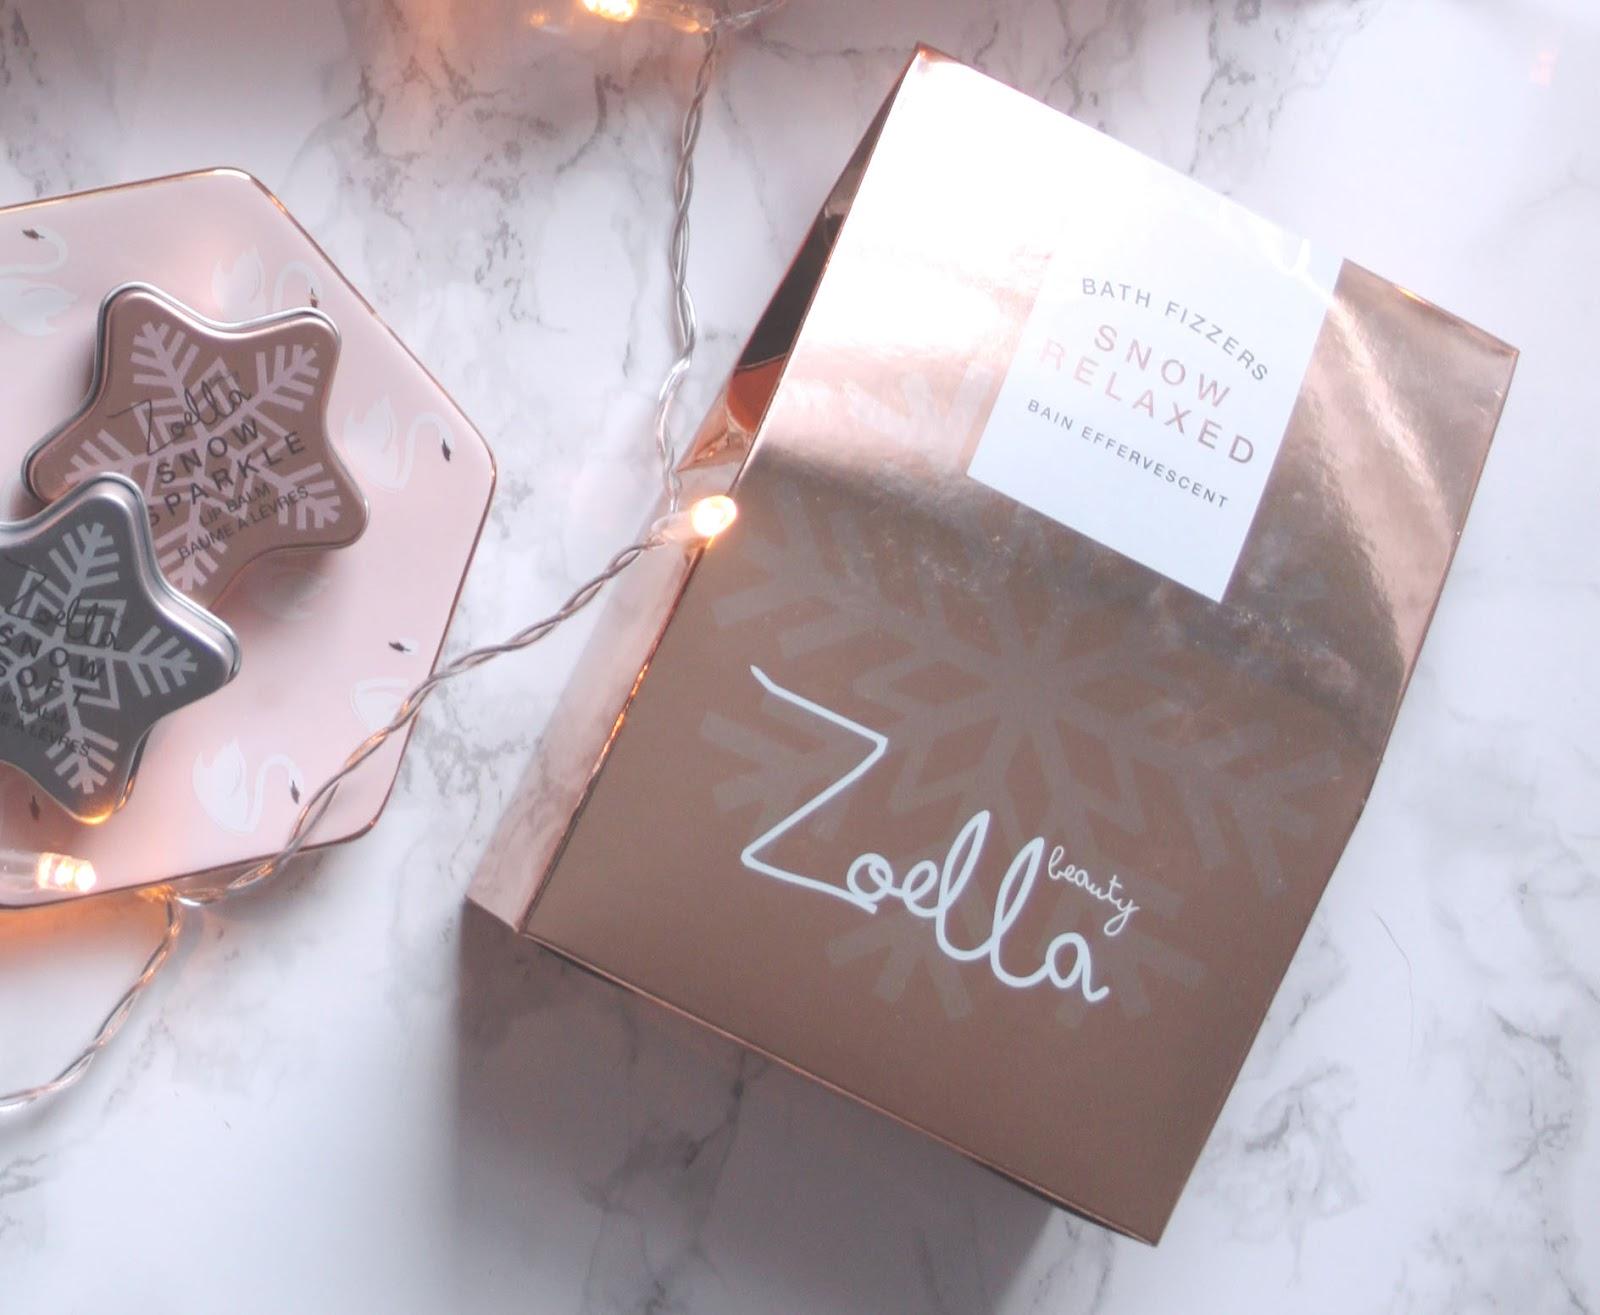 Zoella Bath Fizzers